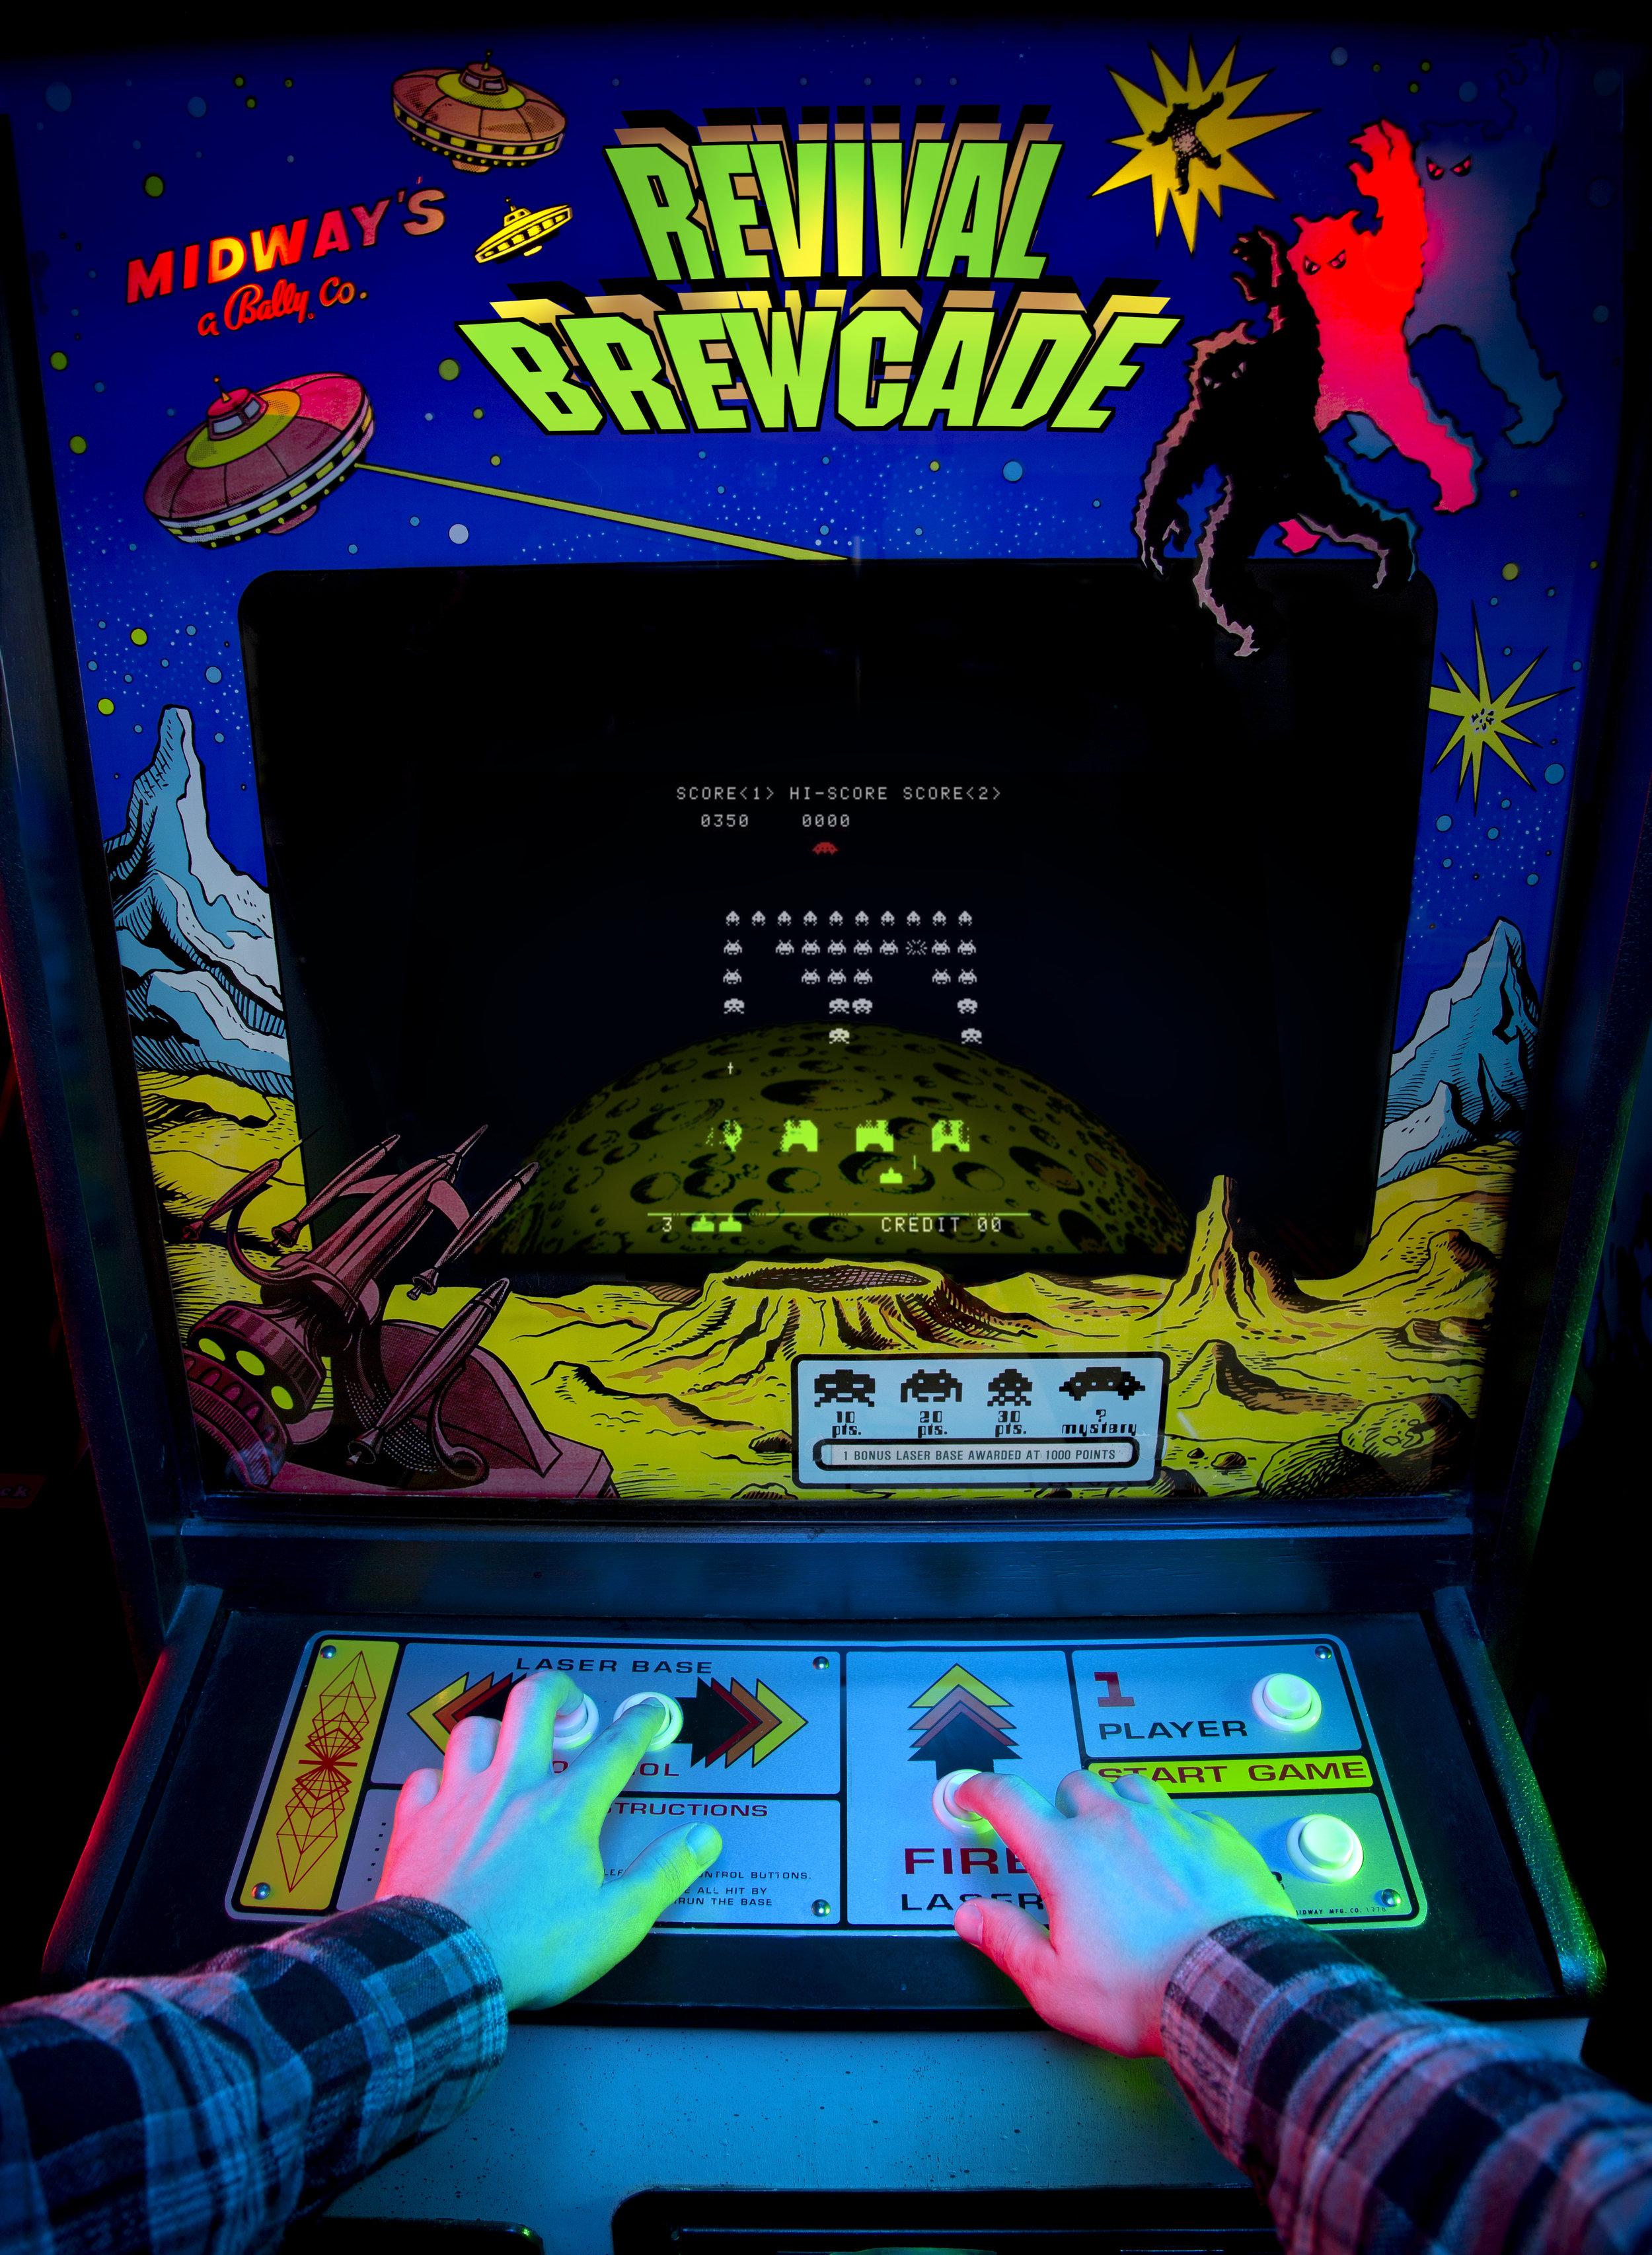 Revival Brewcade - Space Invaders